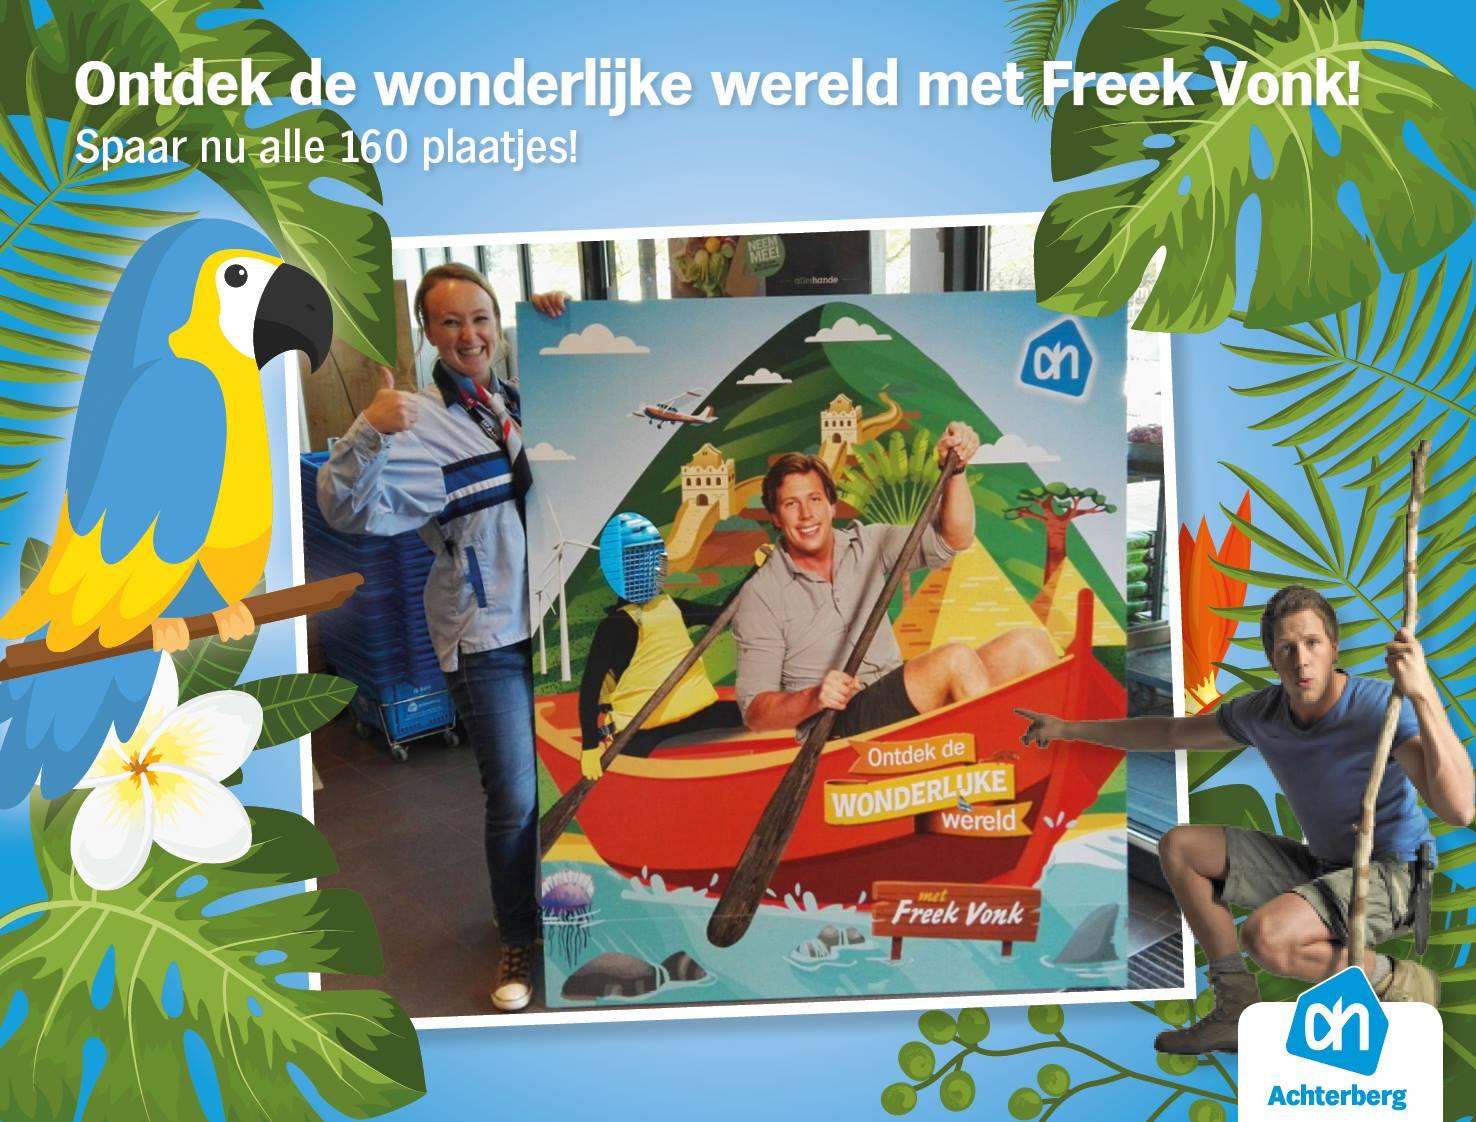 Ontdek de wonderlijke wereld met Freek Vonk!